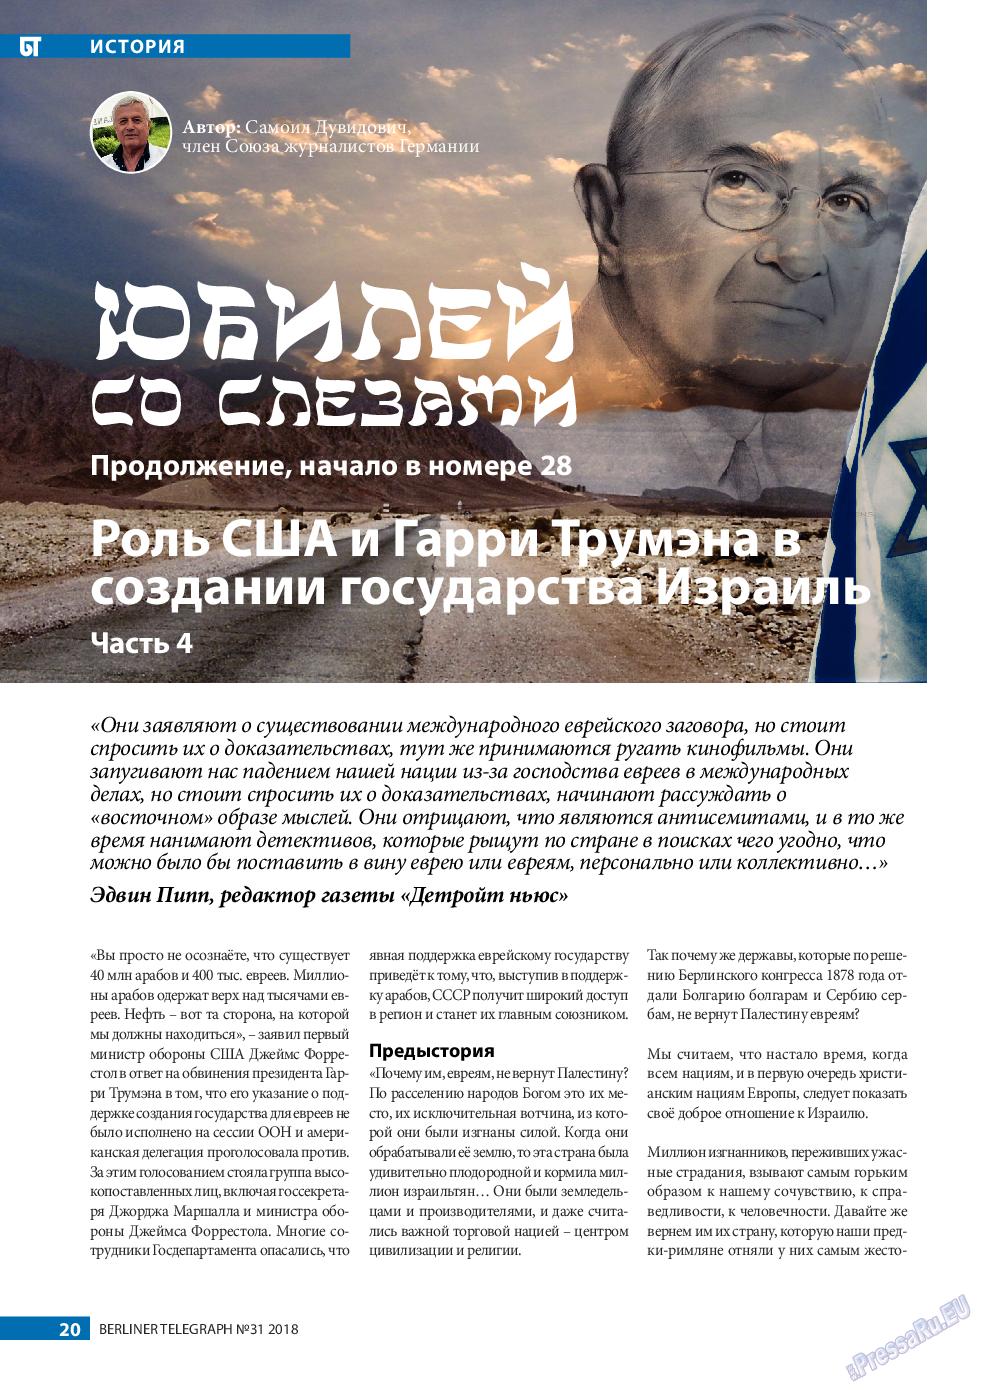 Берлинский телеграф (журнал). 2018 год, номер 31, стр. 20